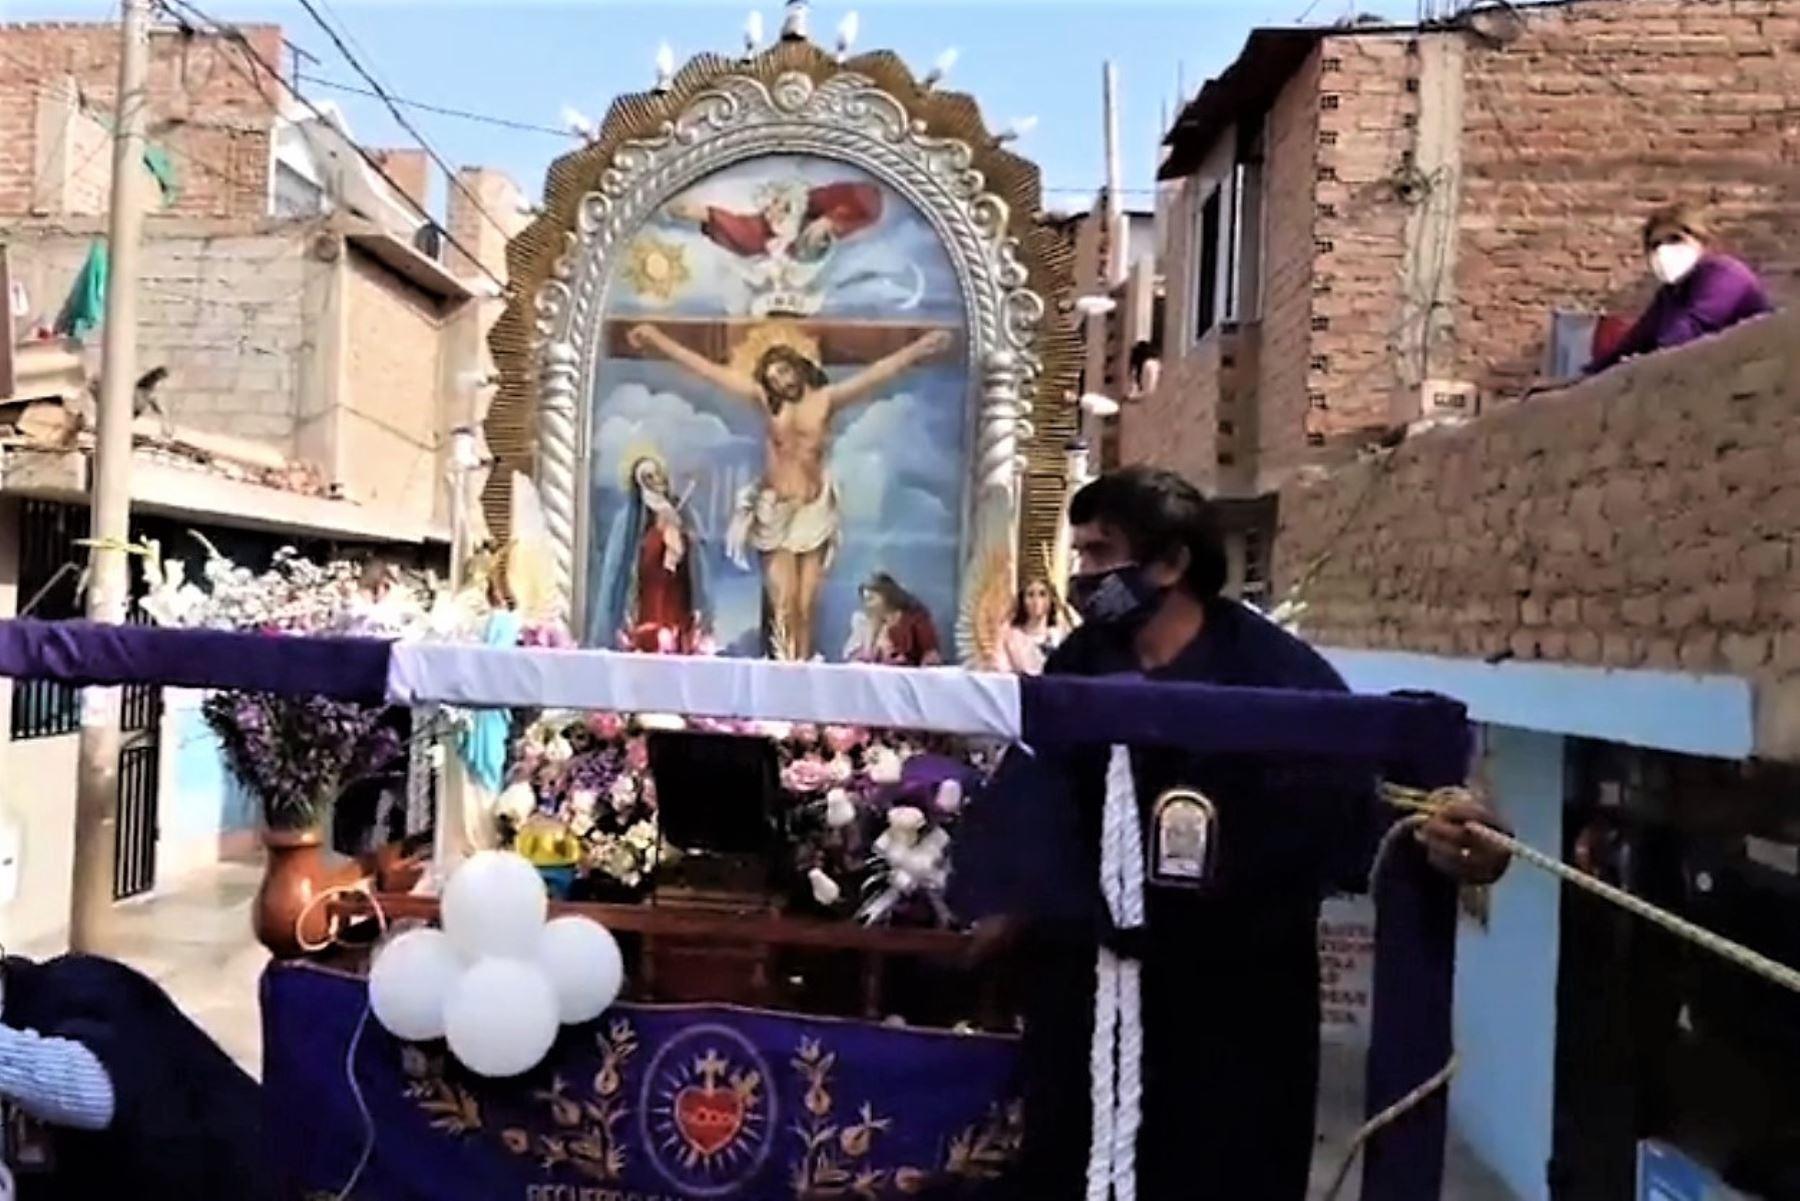 Imagen del Señor de los Milagros recorrió las calles del distrito de La Esperanza, en Trujillo. Los fieles observaron el paso de la imagen desde sus viviendas.